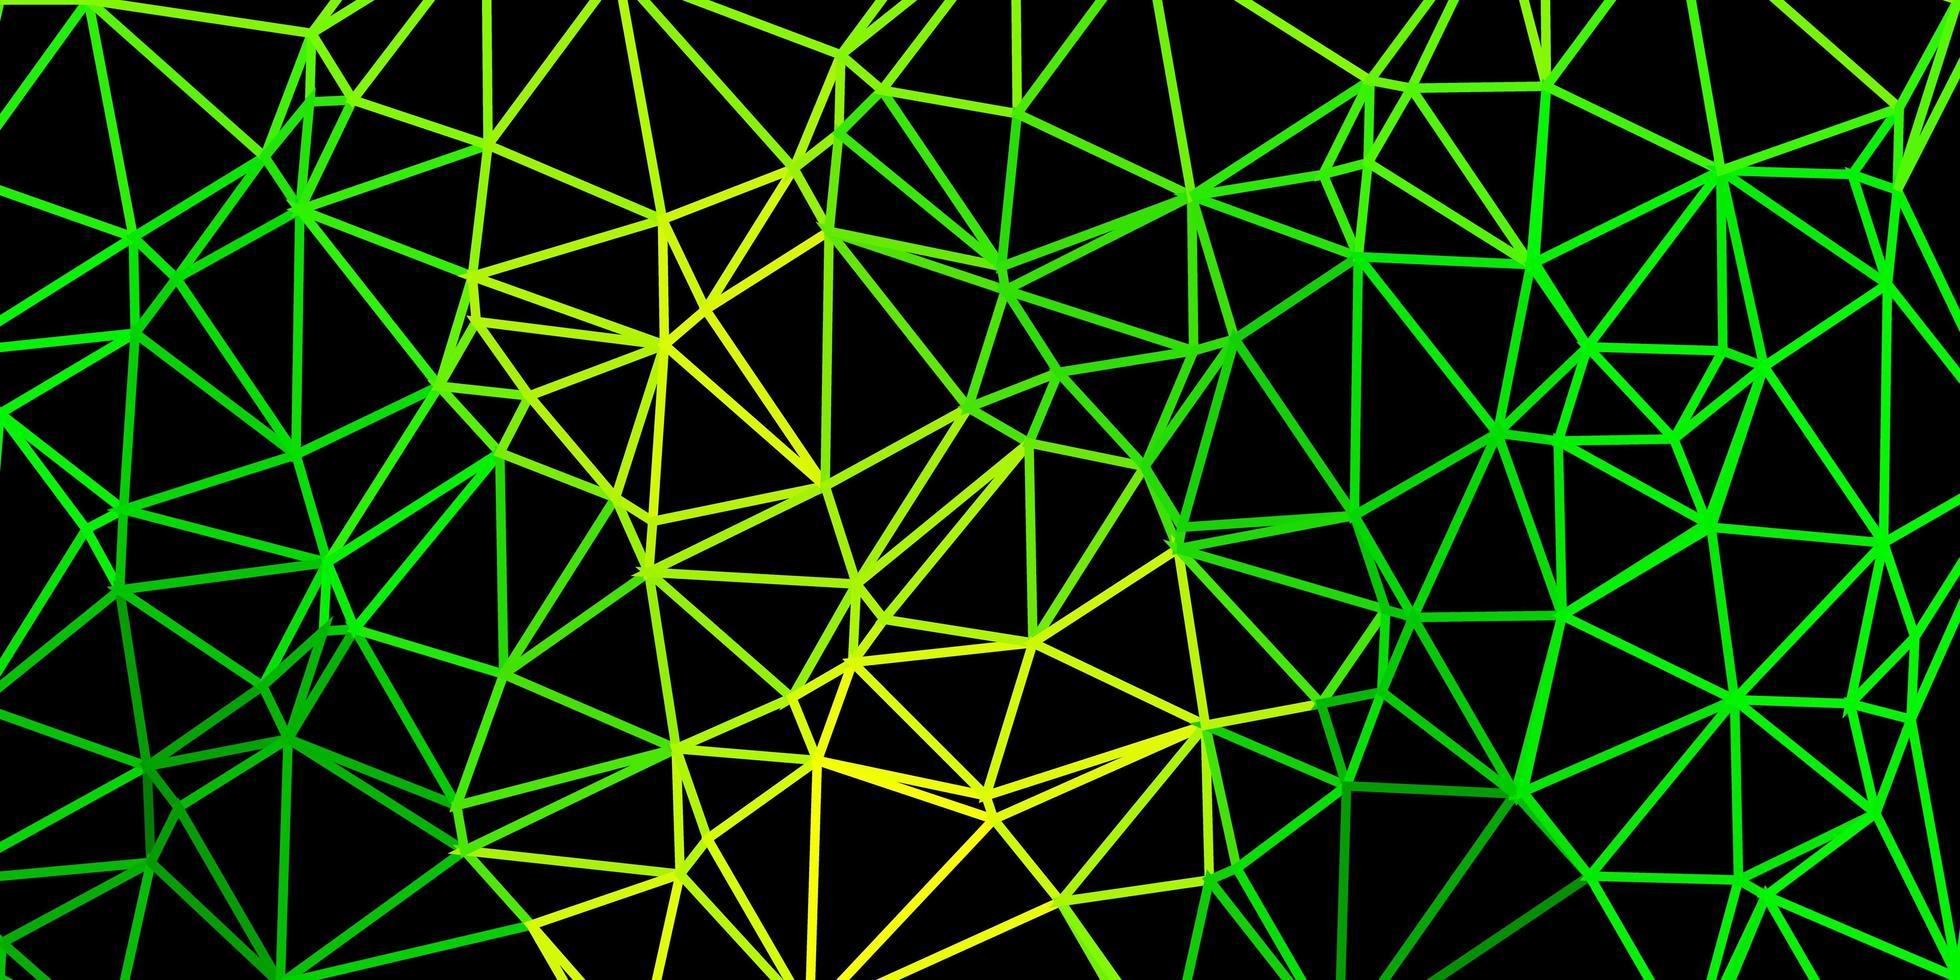 trama di triangolo astratto vettoriale verde chiaro, giallo.